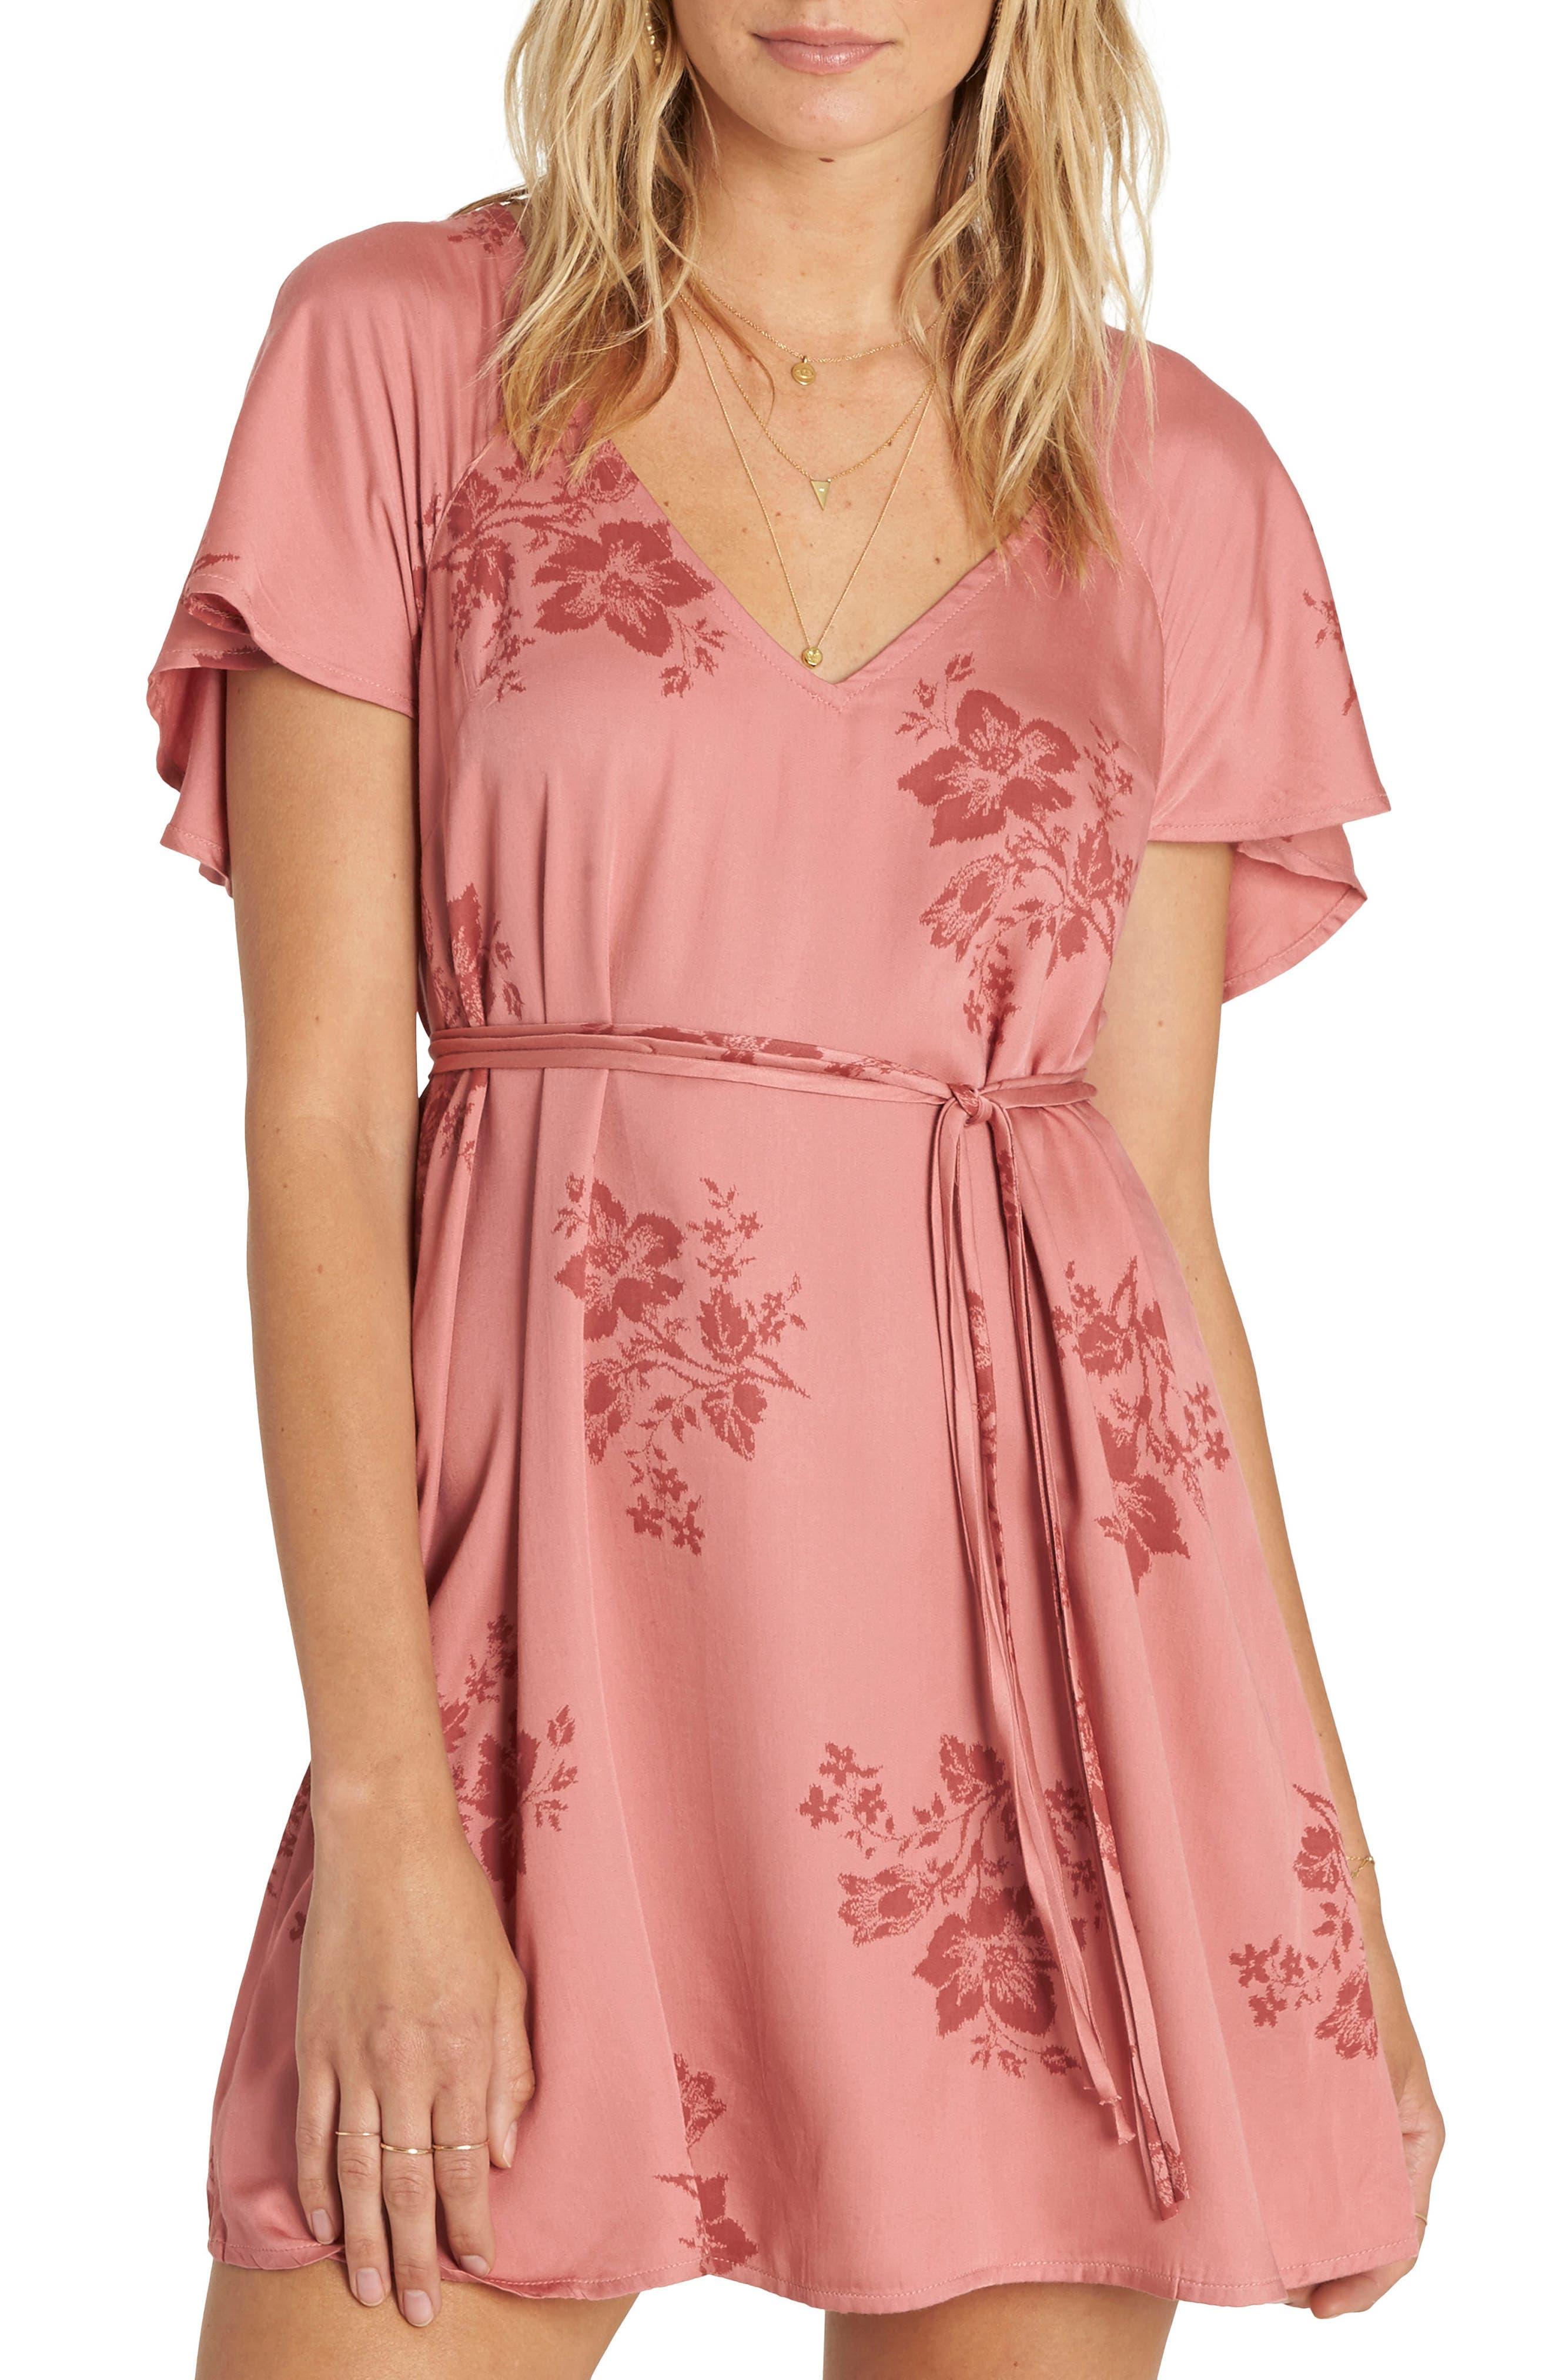 Main Image - Billabong Fine Flutter Floral Dress